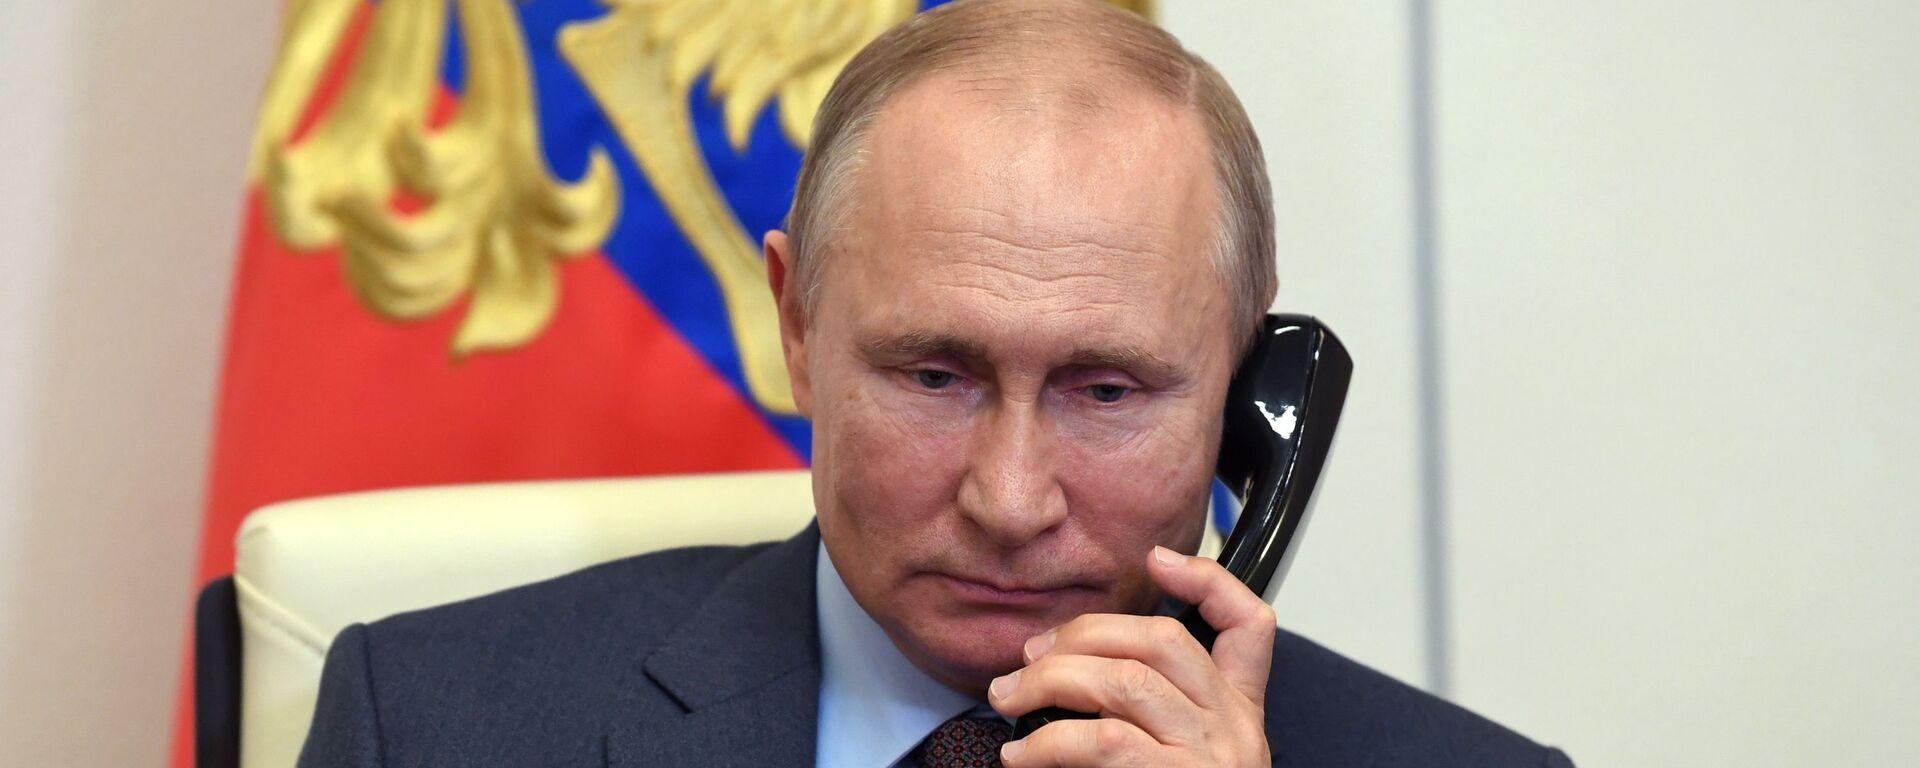 Президент РФ В. Путин провел встречу с премьер-министром РФ М. Мишустиным - Sputnik Узбекистан, 1920, 18.06.2020